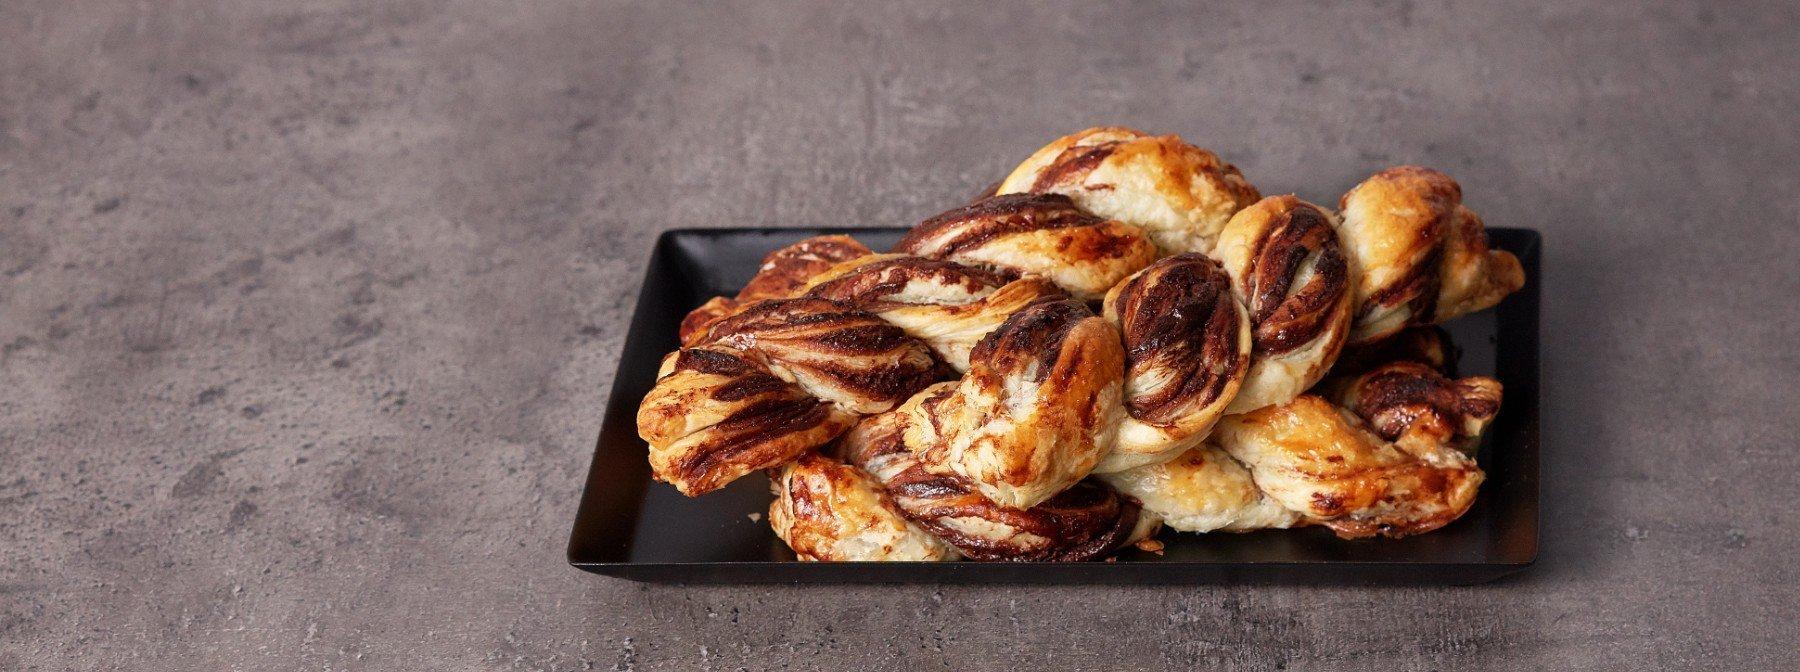 Suklaiset lehtitaikinaleivonnaiset proteiinilevitteellä | Ruokaohje